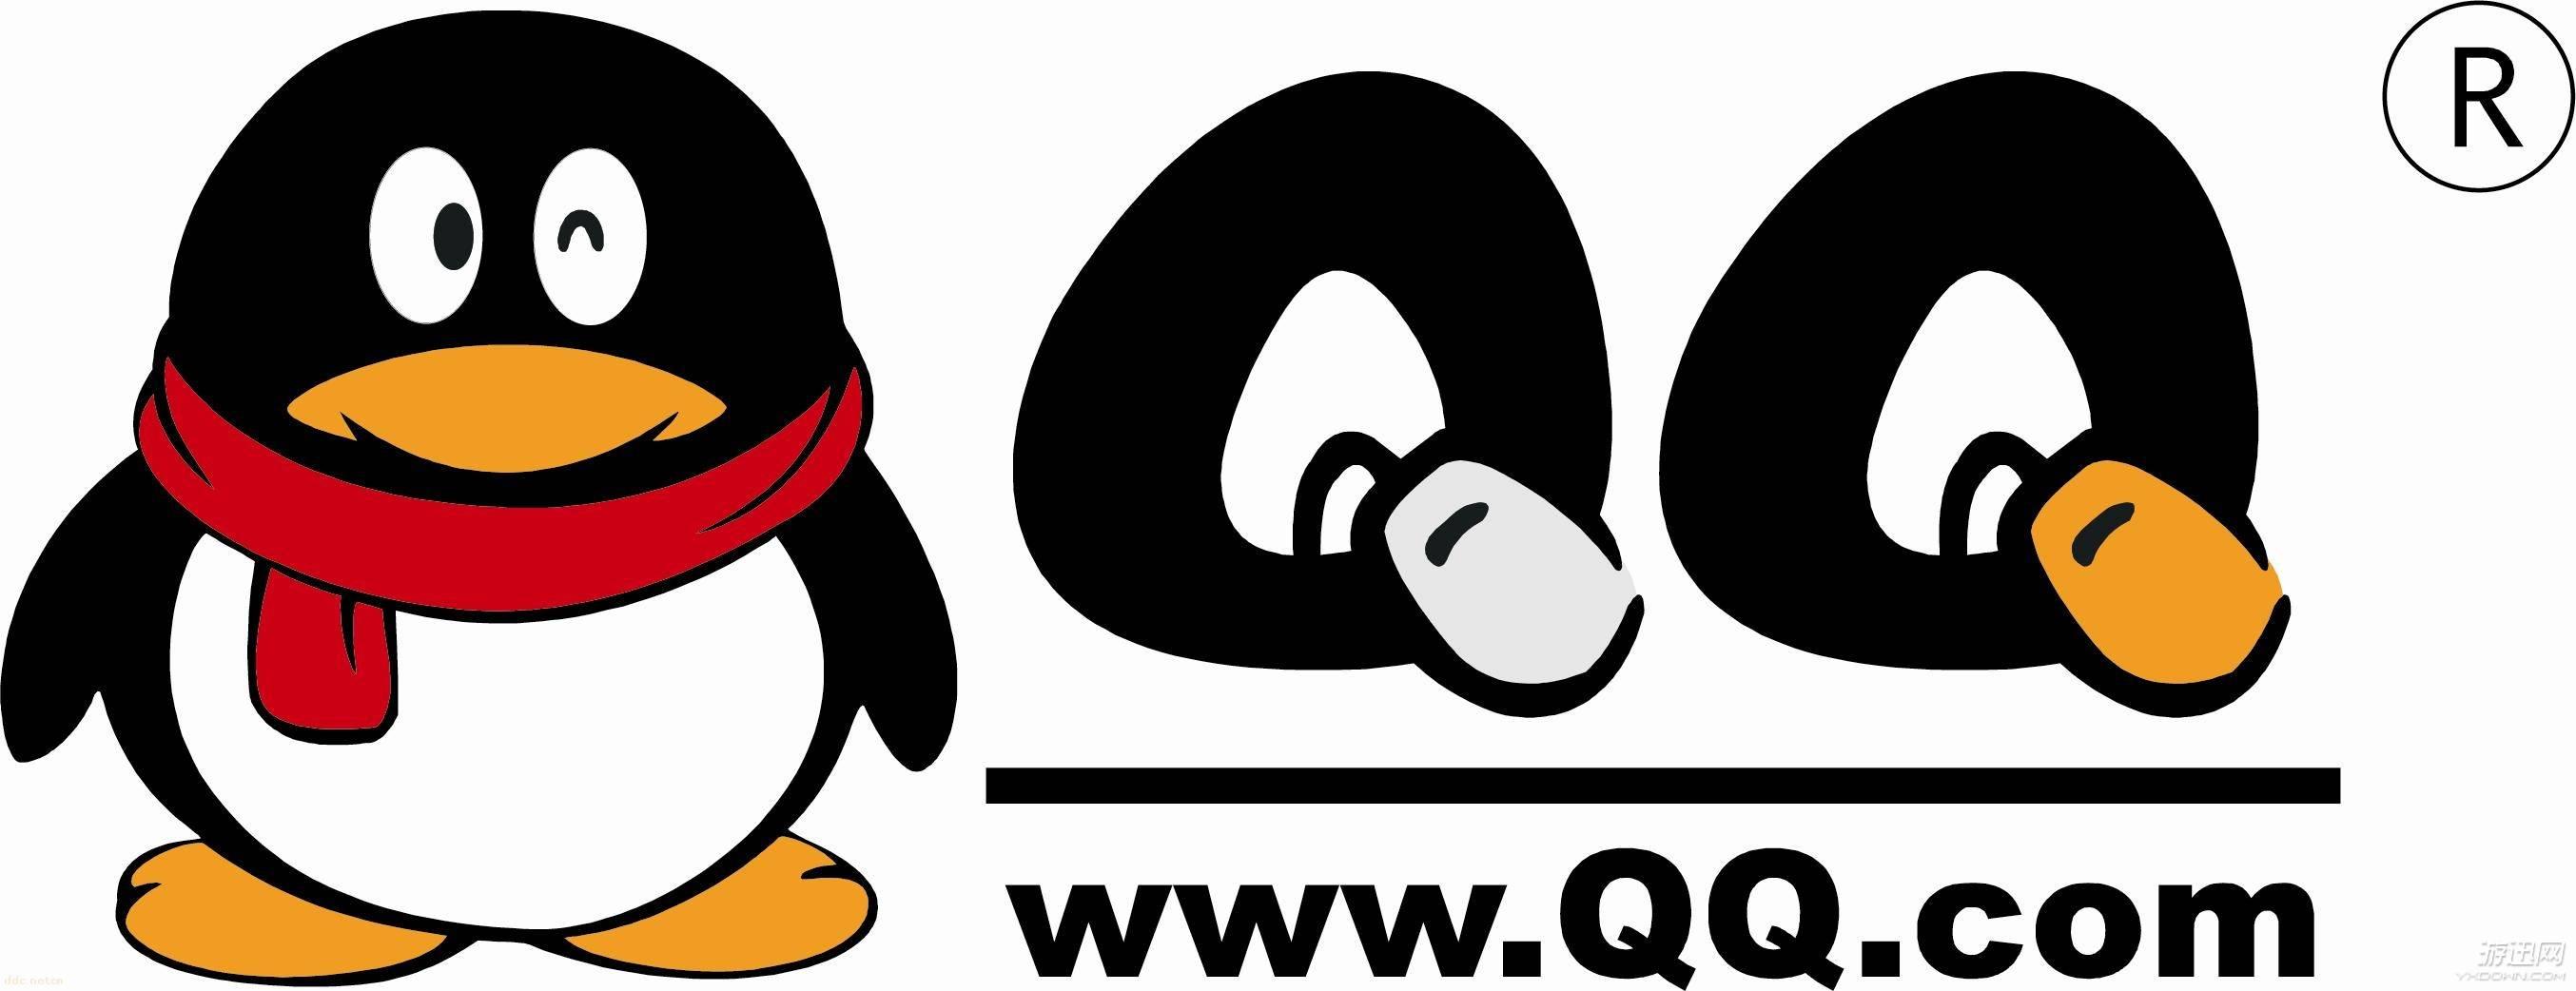 QQ2000-color